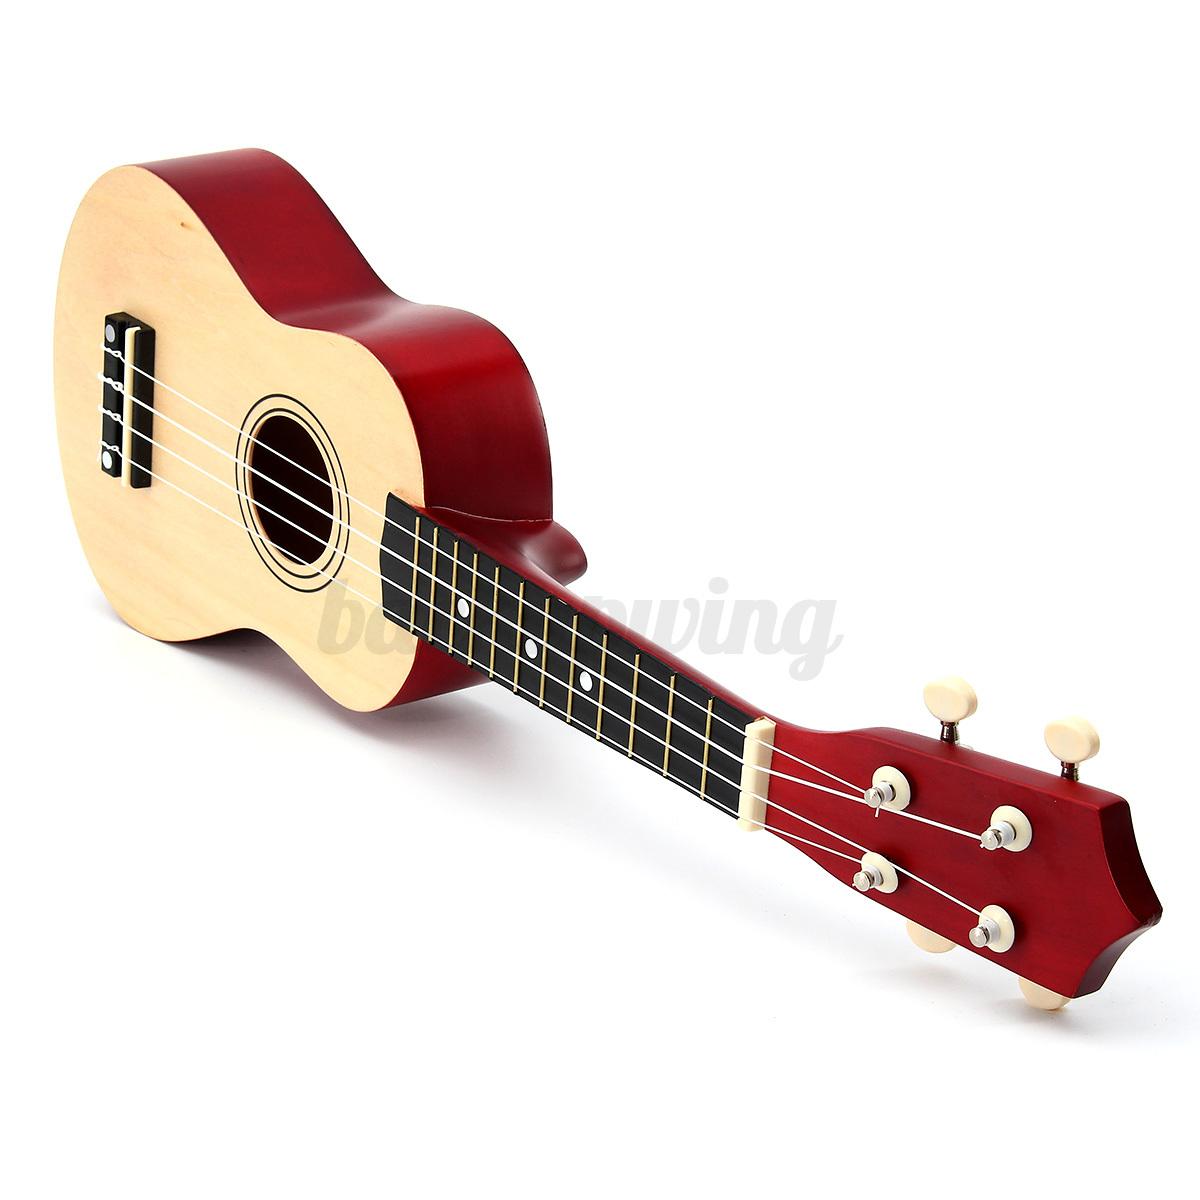 21'' Ukulele Sopran Gitarre Acoustic Guitar 4-String Kinder Geschenk fr Anfänger Holz